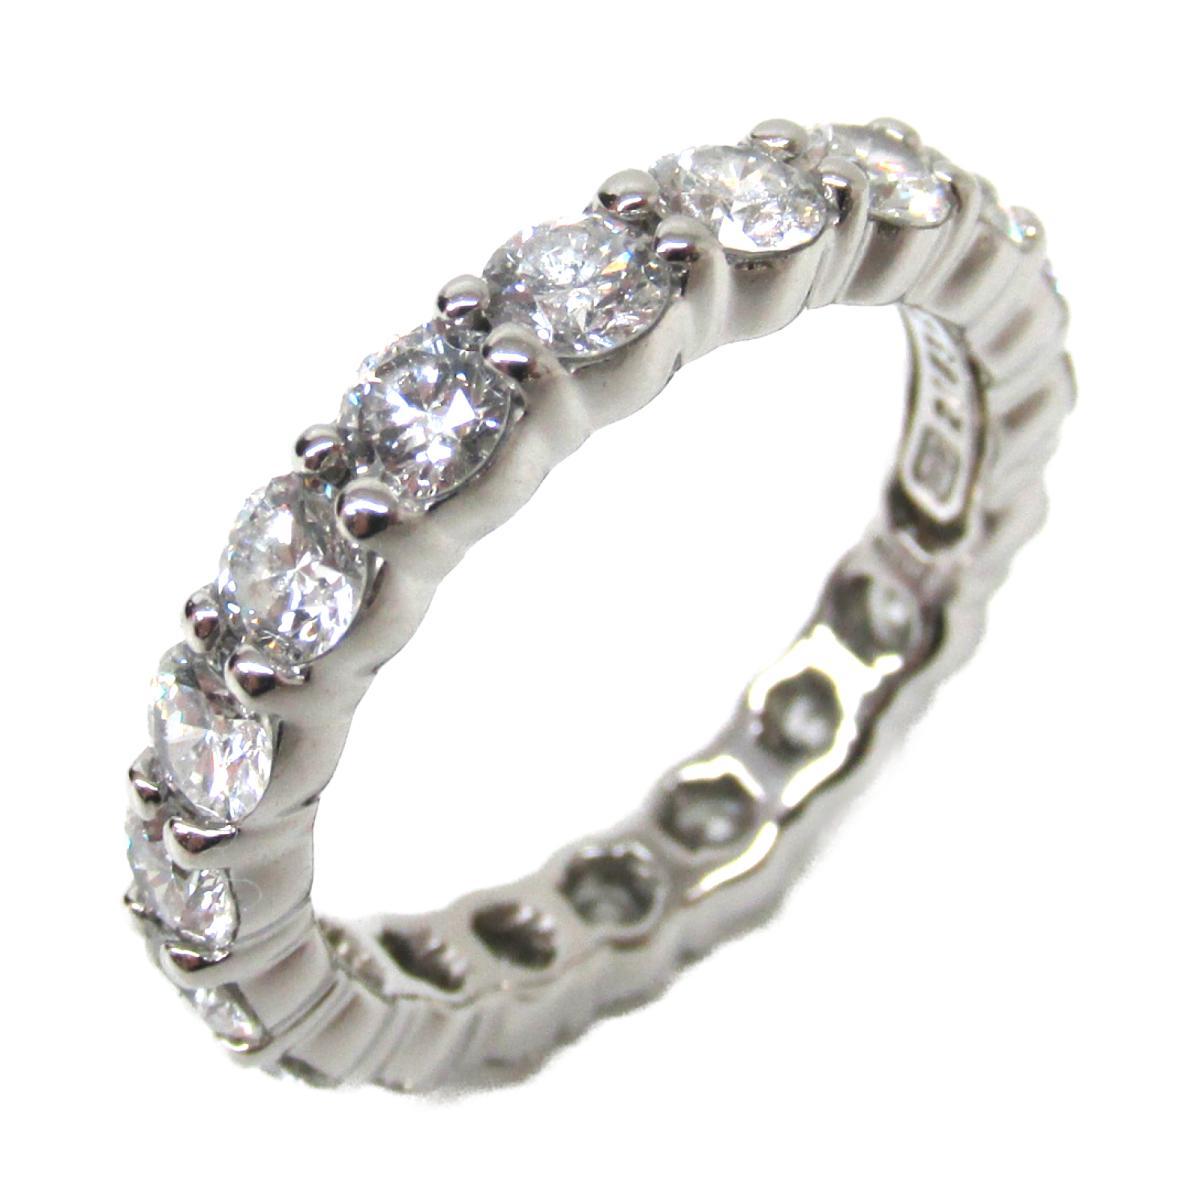 結婚祝い 【】ハリーウィンストン ブロングセットリング 指輪 レディース PT950 プラチナ x ダイヤモンド | HARRY WINSTON BRANDOFF ブランドオフ ブランド ジュエリー アクセサリー リング, 島村楽器 892ffda7